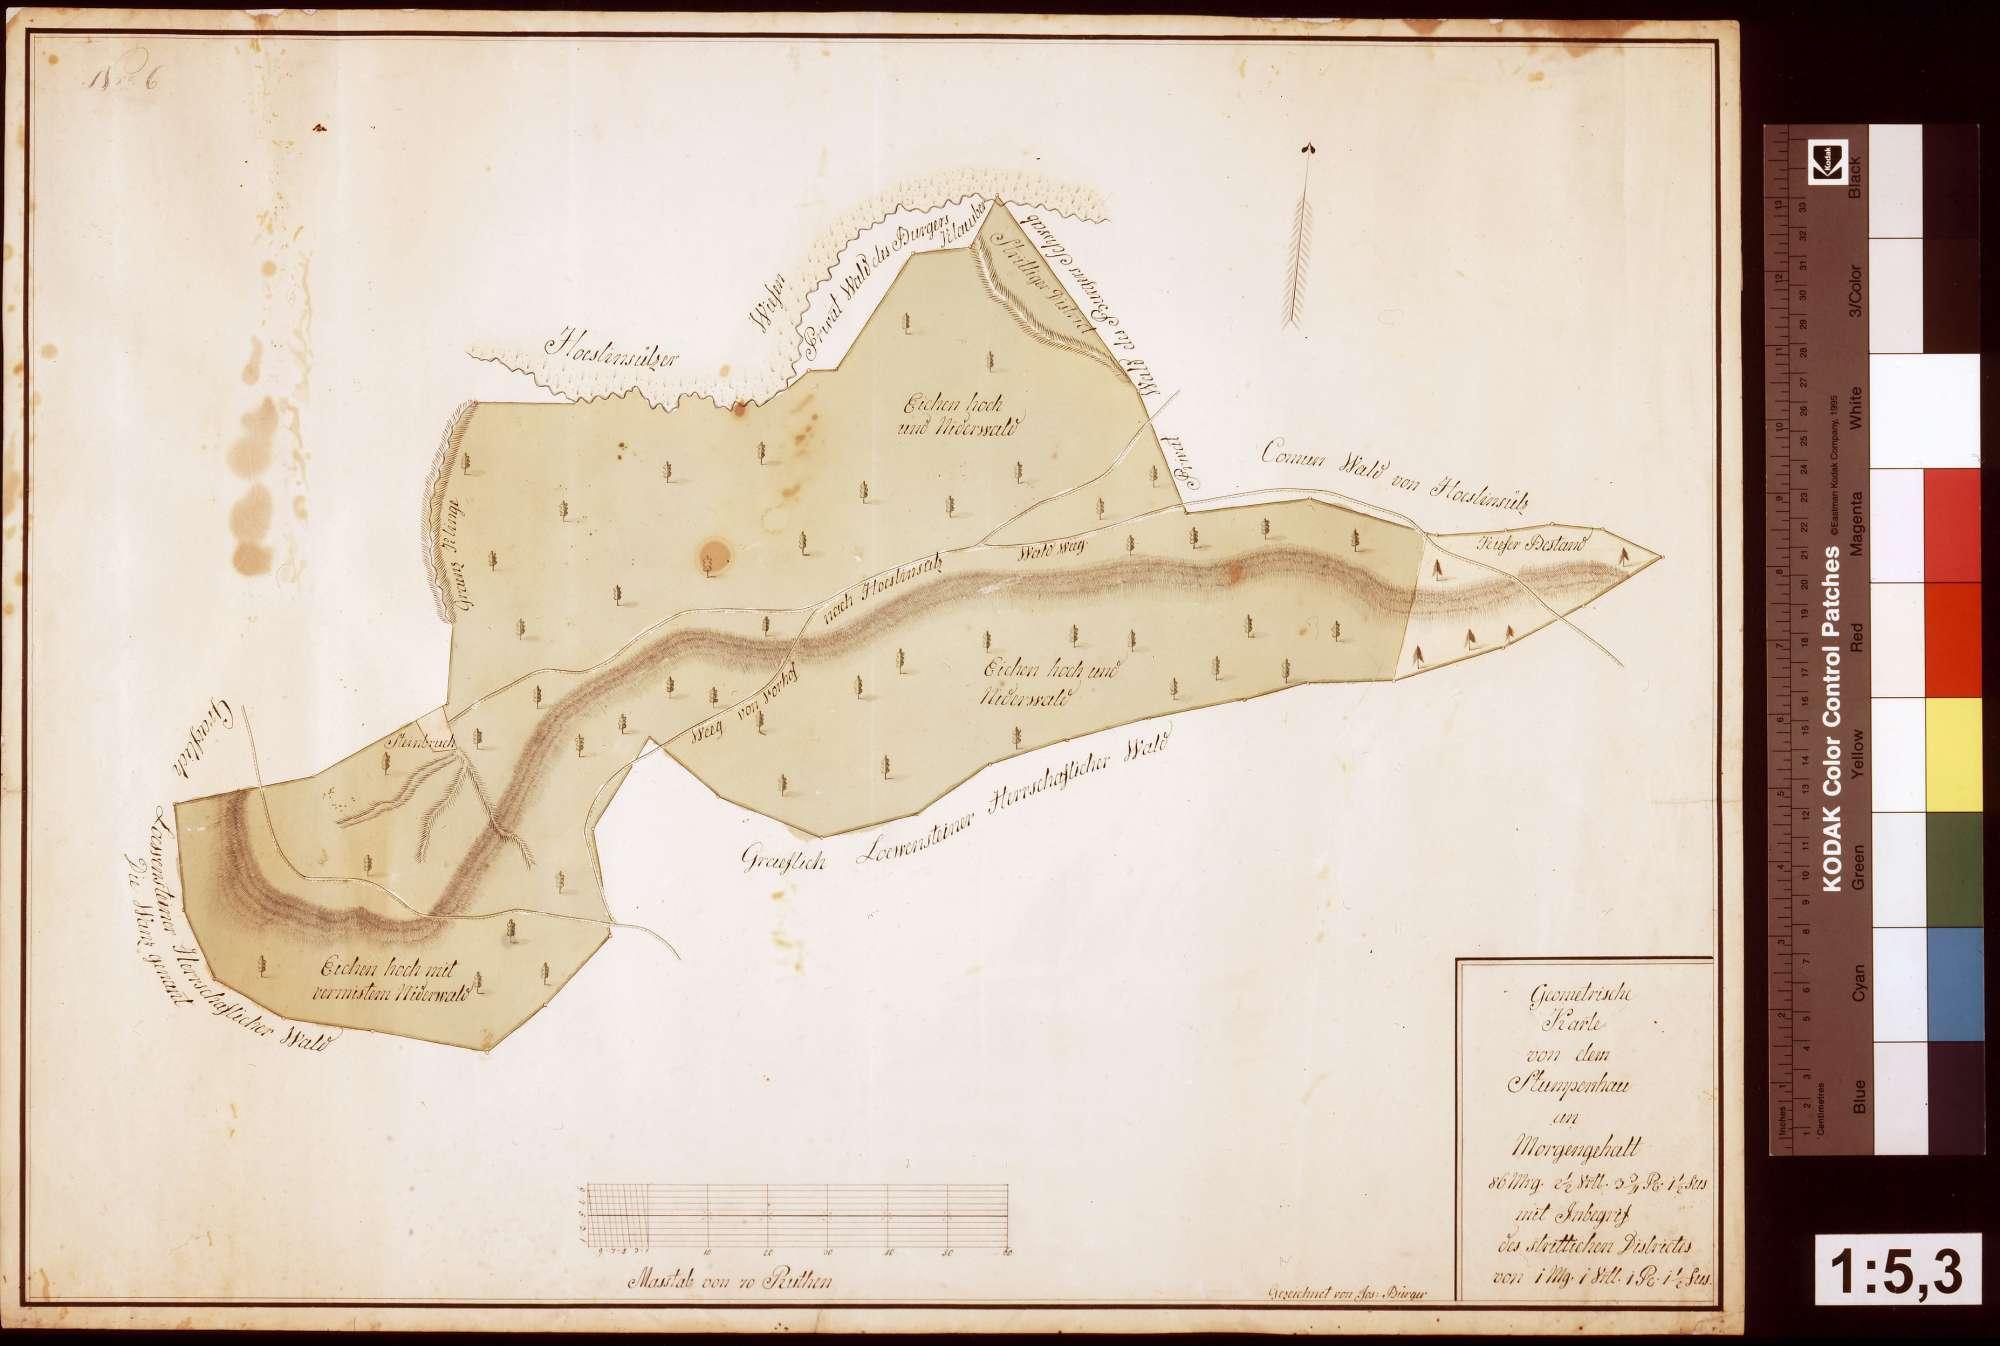 Geometrische Karte von dem Stumpenhau mit dem strittigen Distrikt (Inselkarte), Bild 1